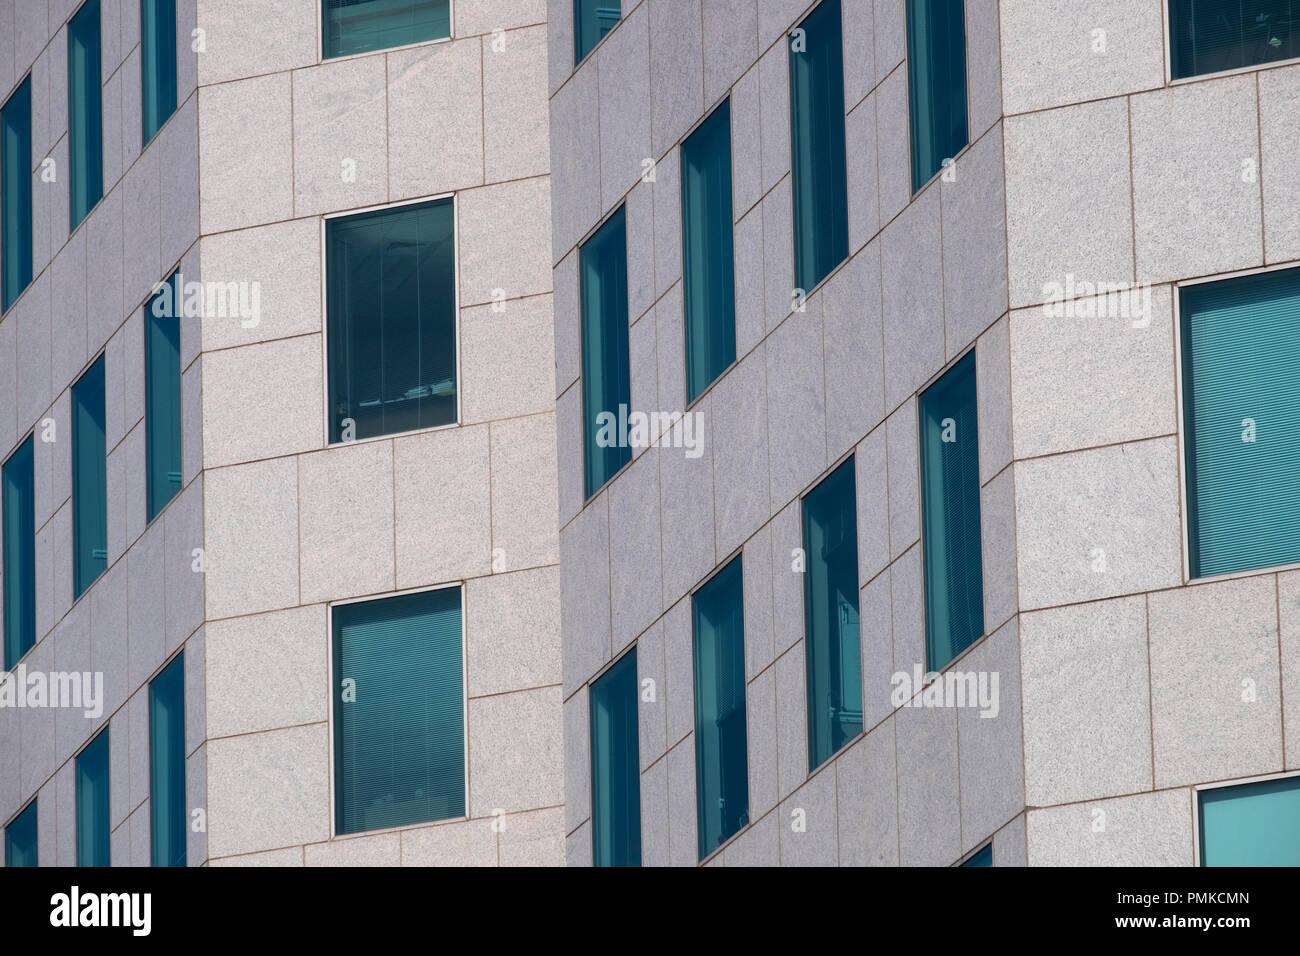 Detalle de la arquitectura en la Wells Fargo bloque de oficinas, Birmingham, Alabama Imagen De Stock